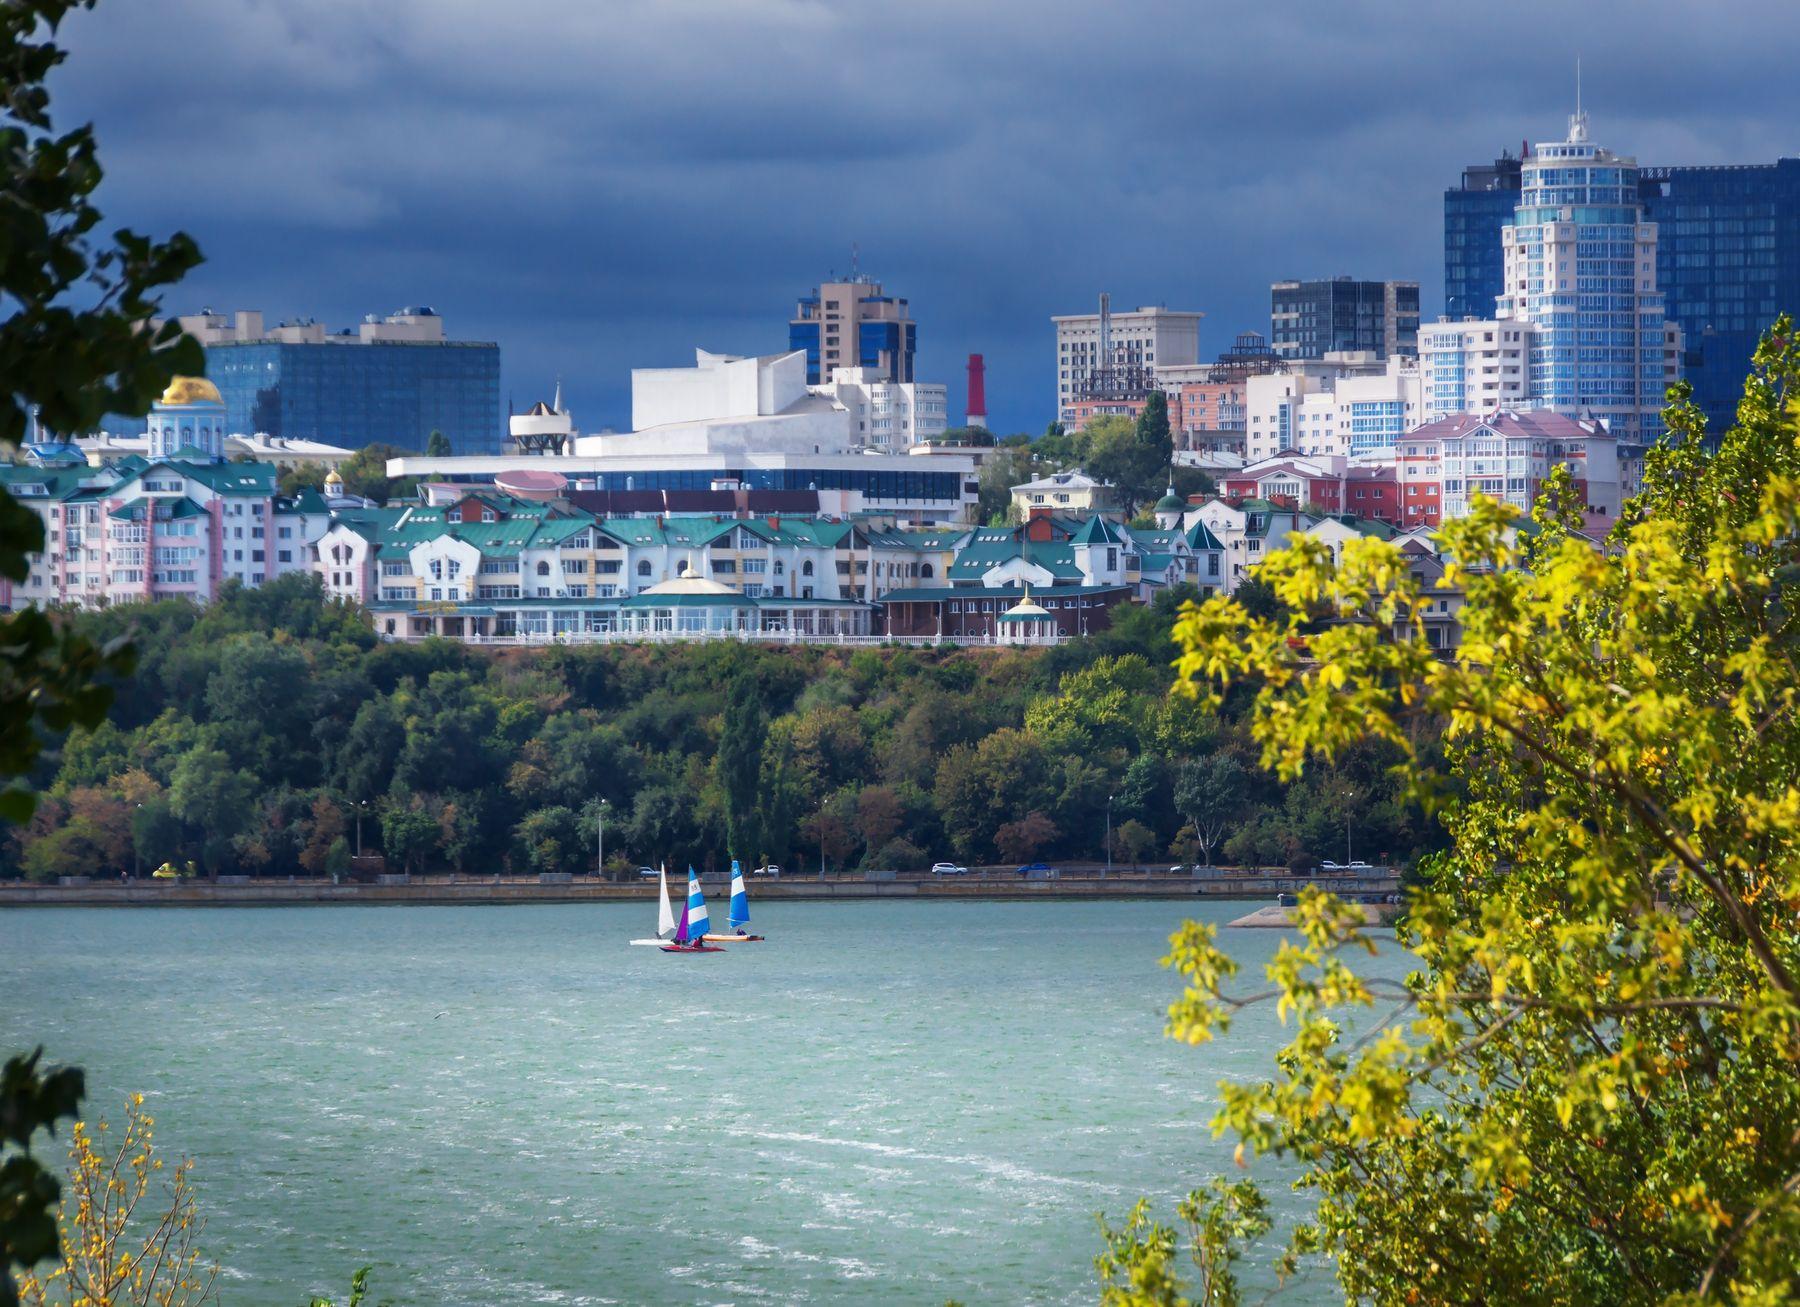 В ожидании бури город пейзаж осень день туча водохранилище яхты солнце Воронеж